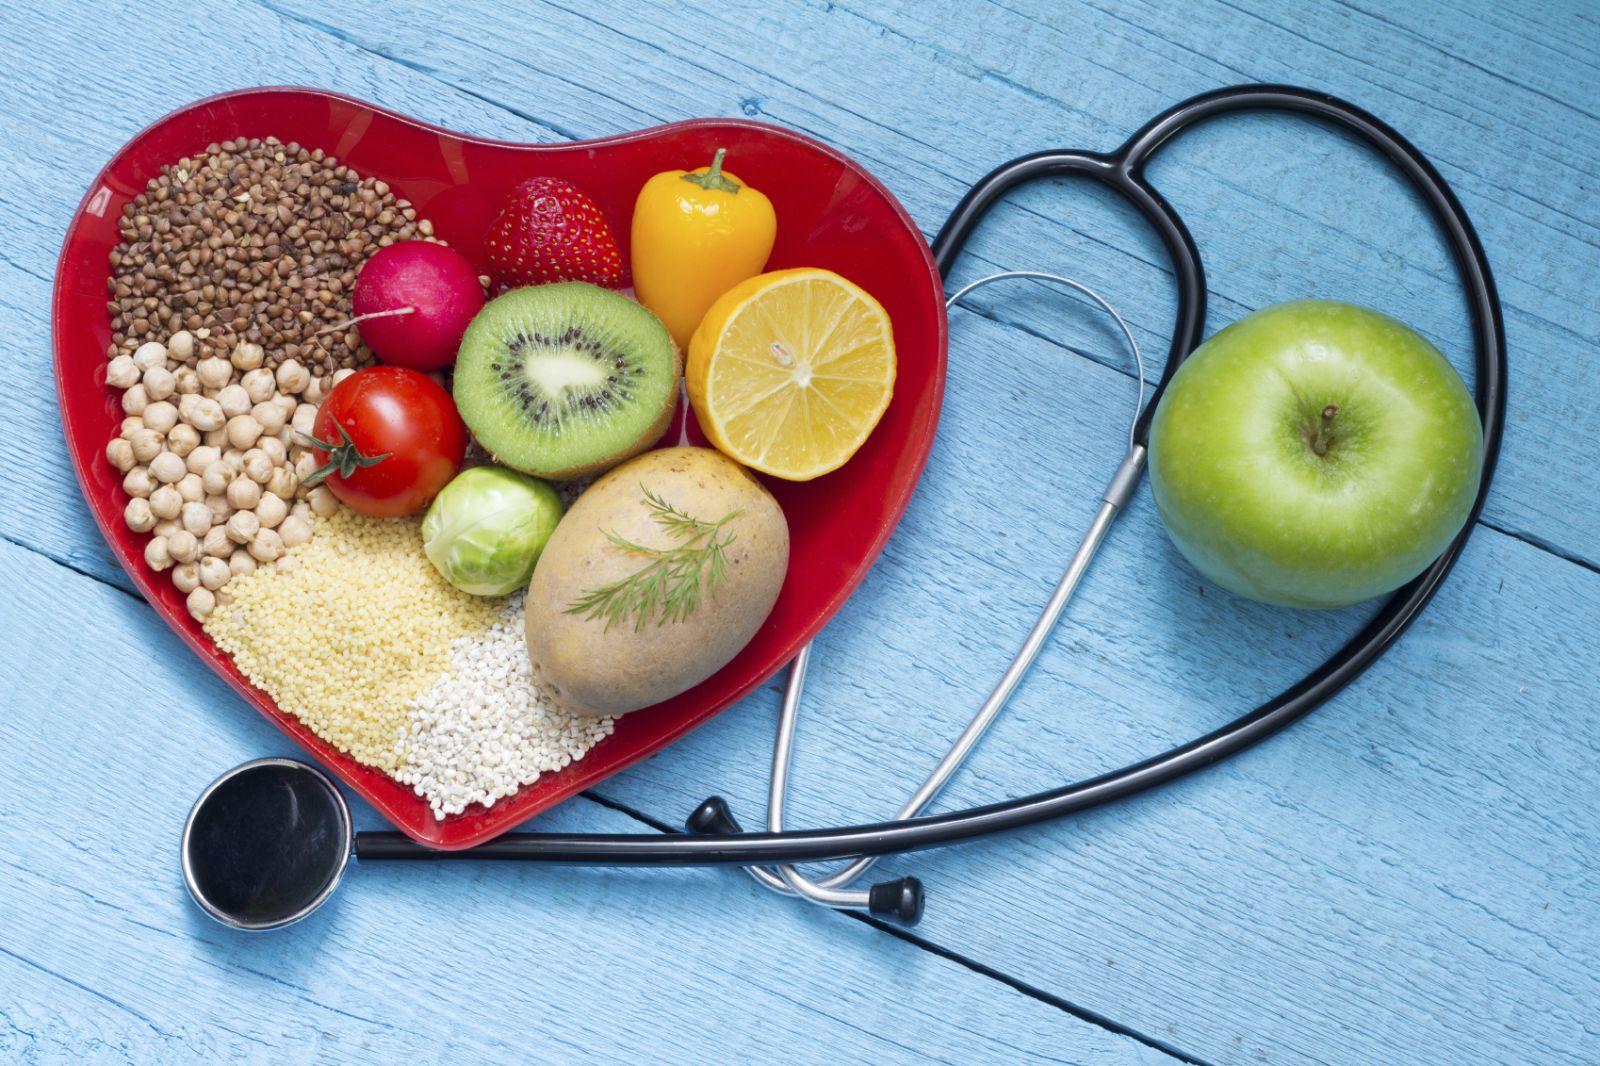 Говорят, что хорошо снижает уровень холестерина коричневый рис, из него можно приготовить гарнир